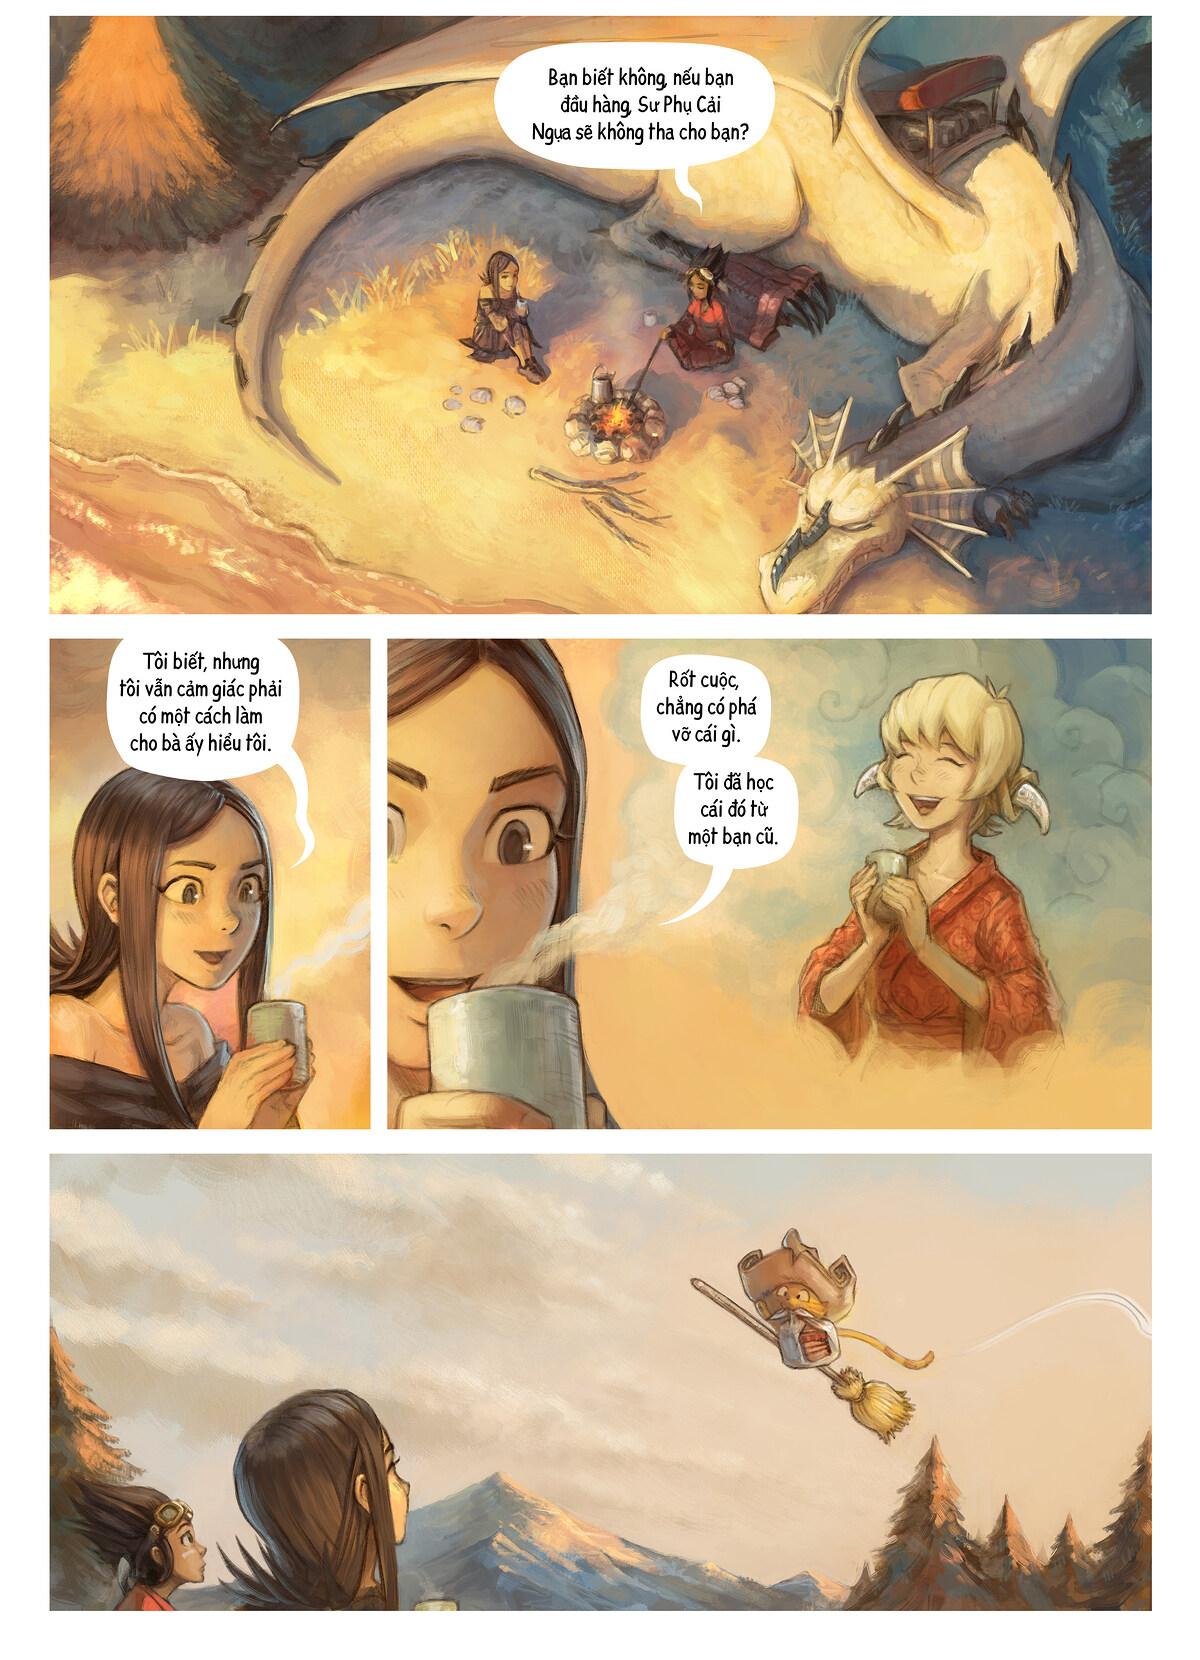 Tập 35: Ảnh Phản Xạ, Trang 10